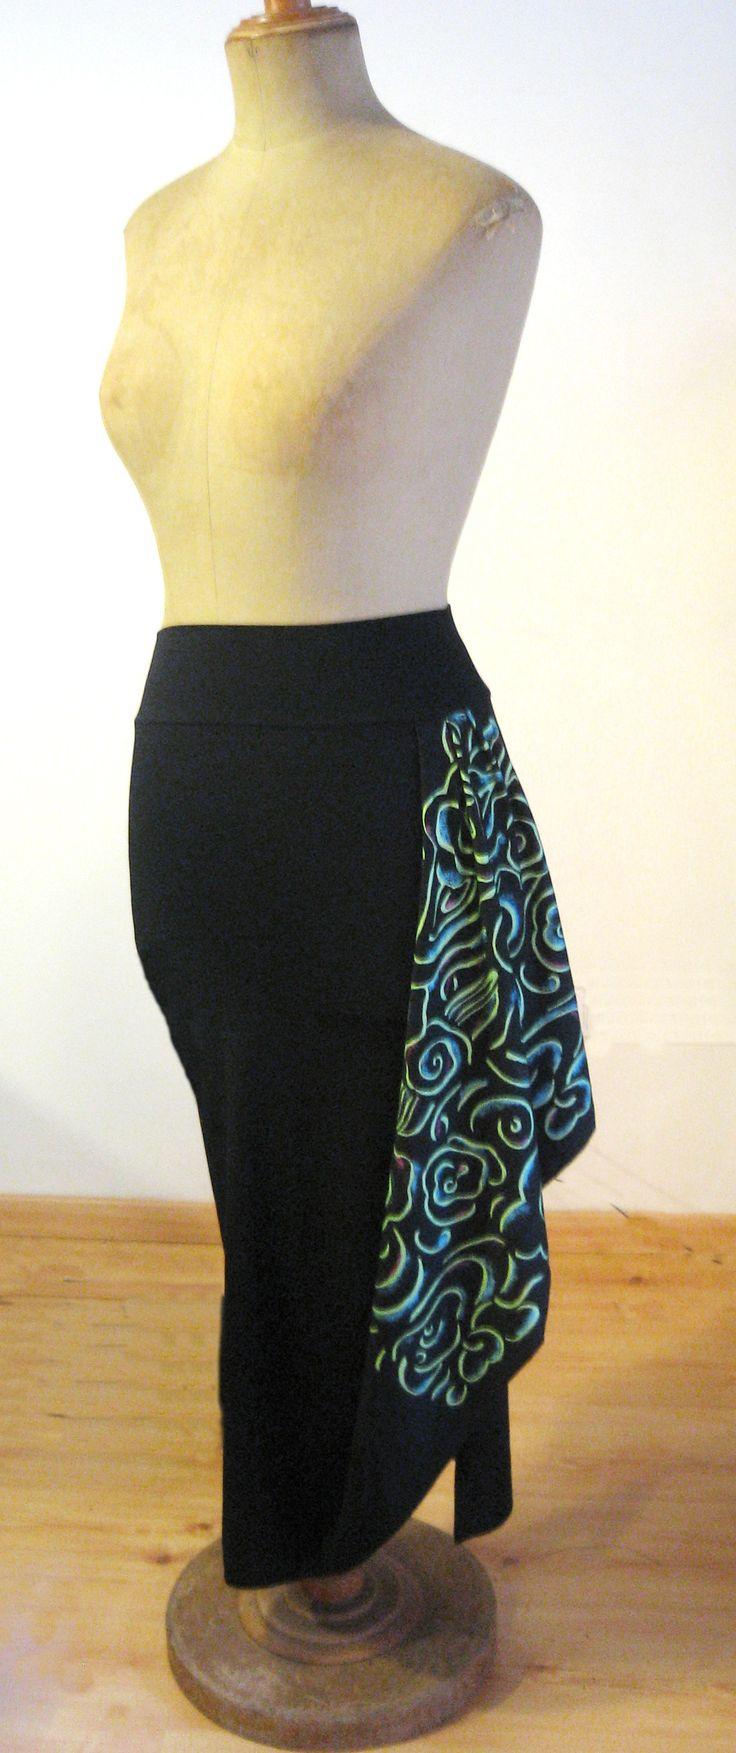 Falda drapeada estampada de la colección Wabi-Sabi. Invierno 2008 #Estampado #instintoBcn